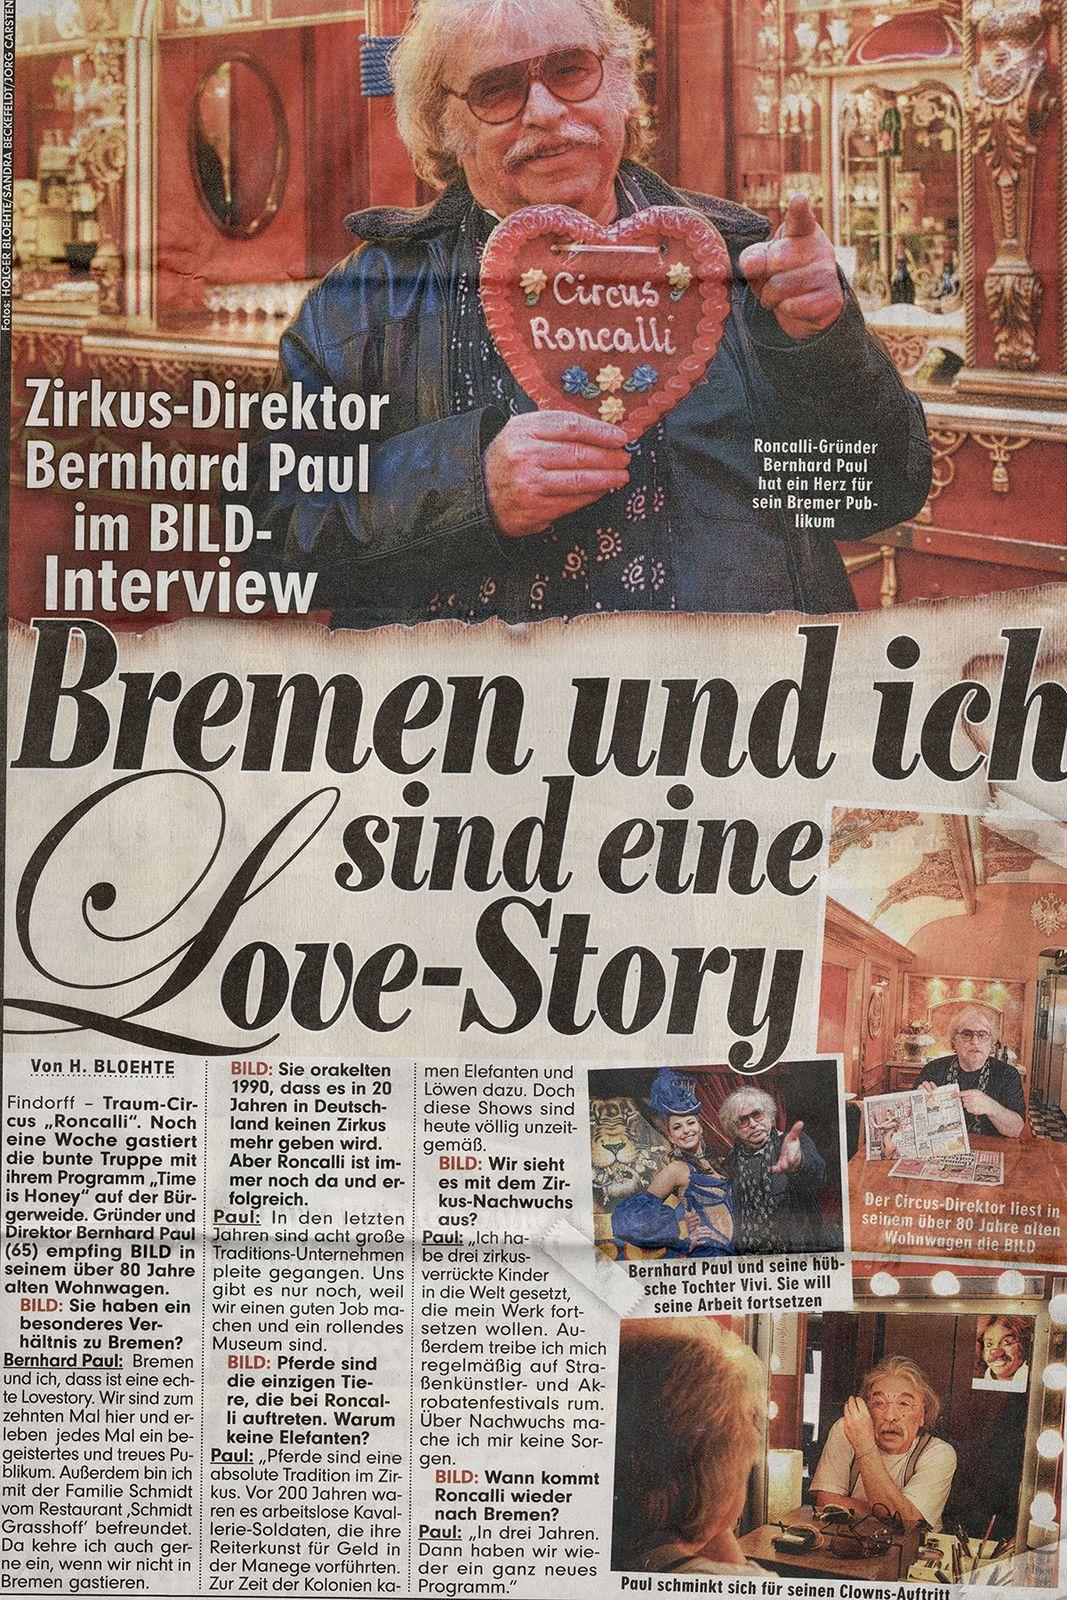 Bildzeitung, 3.12.2012